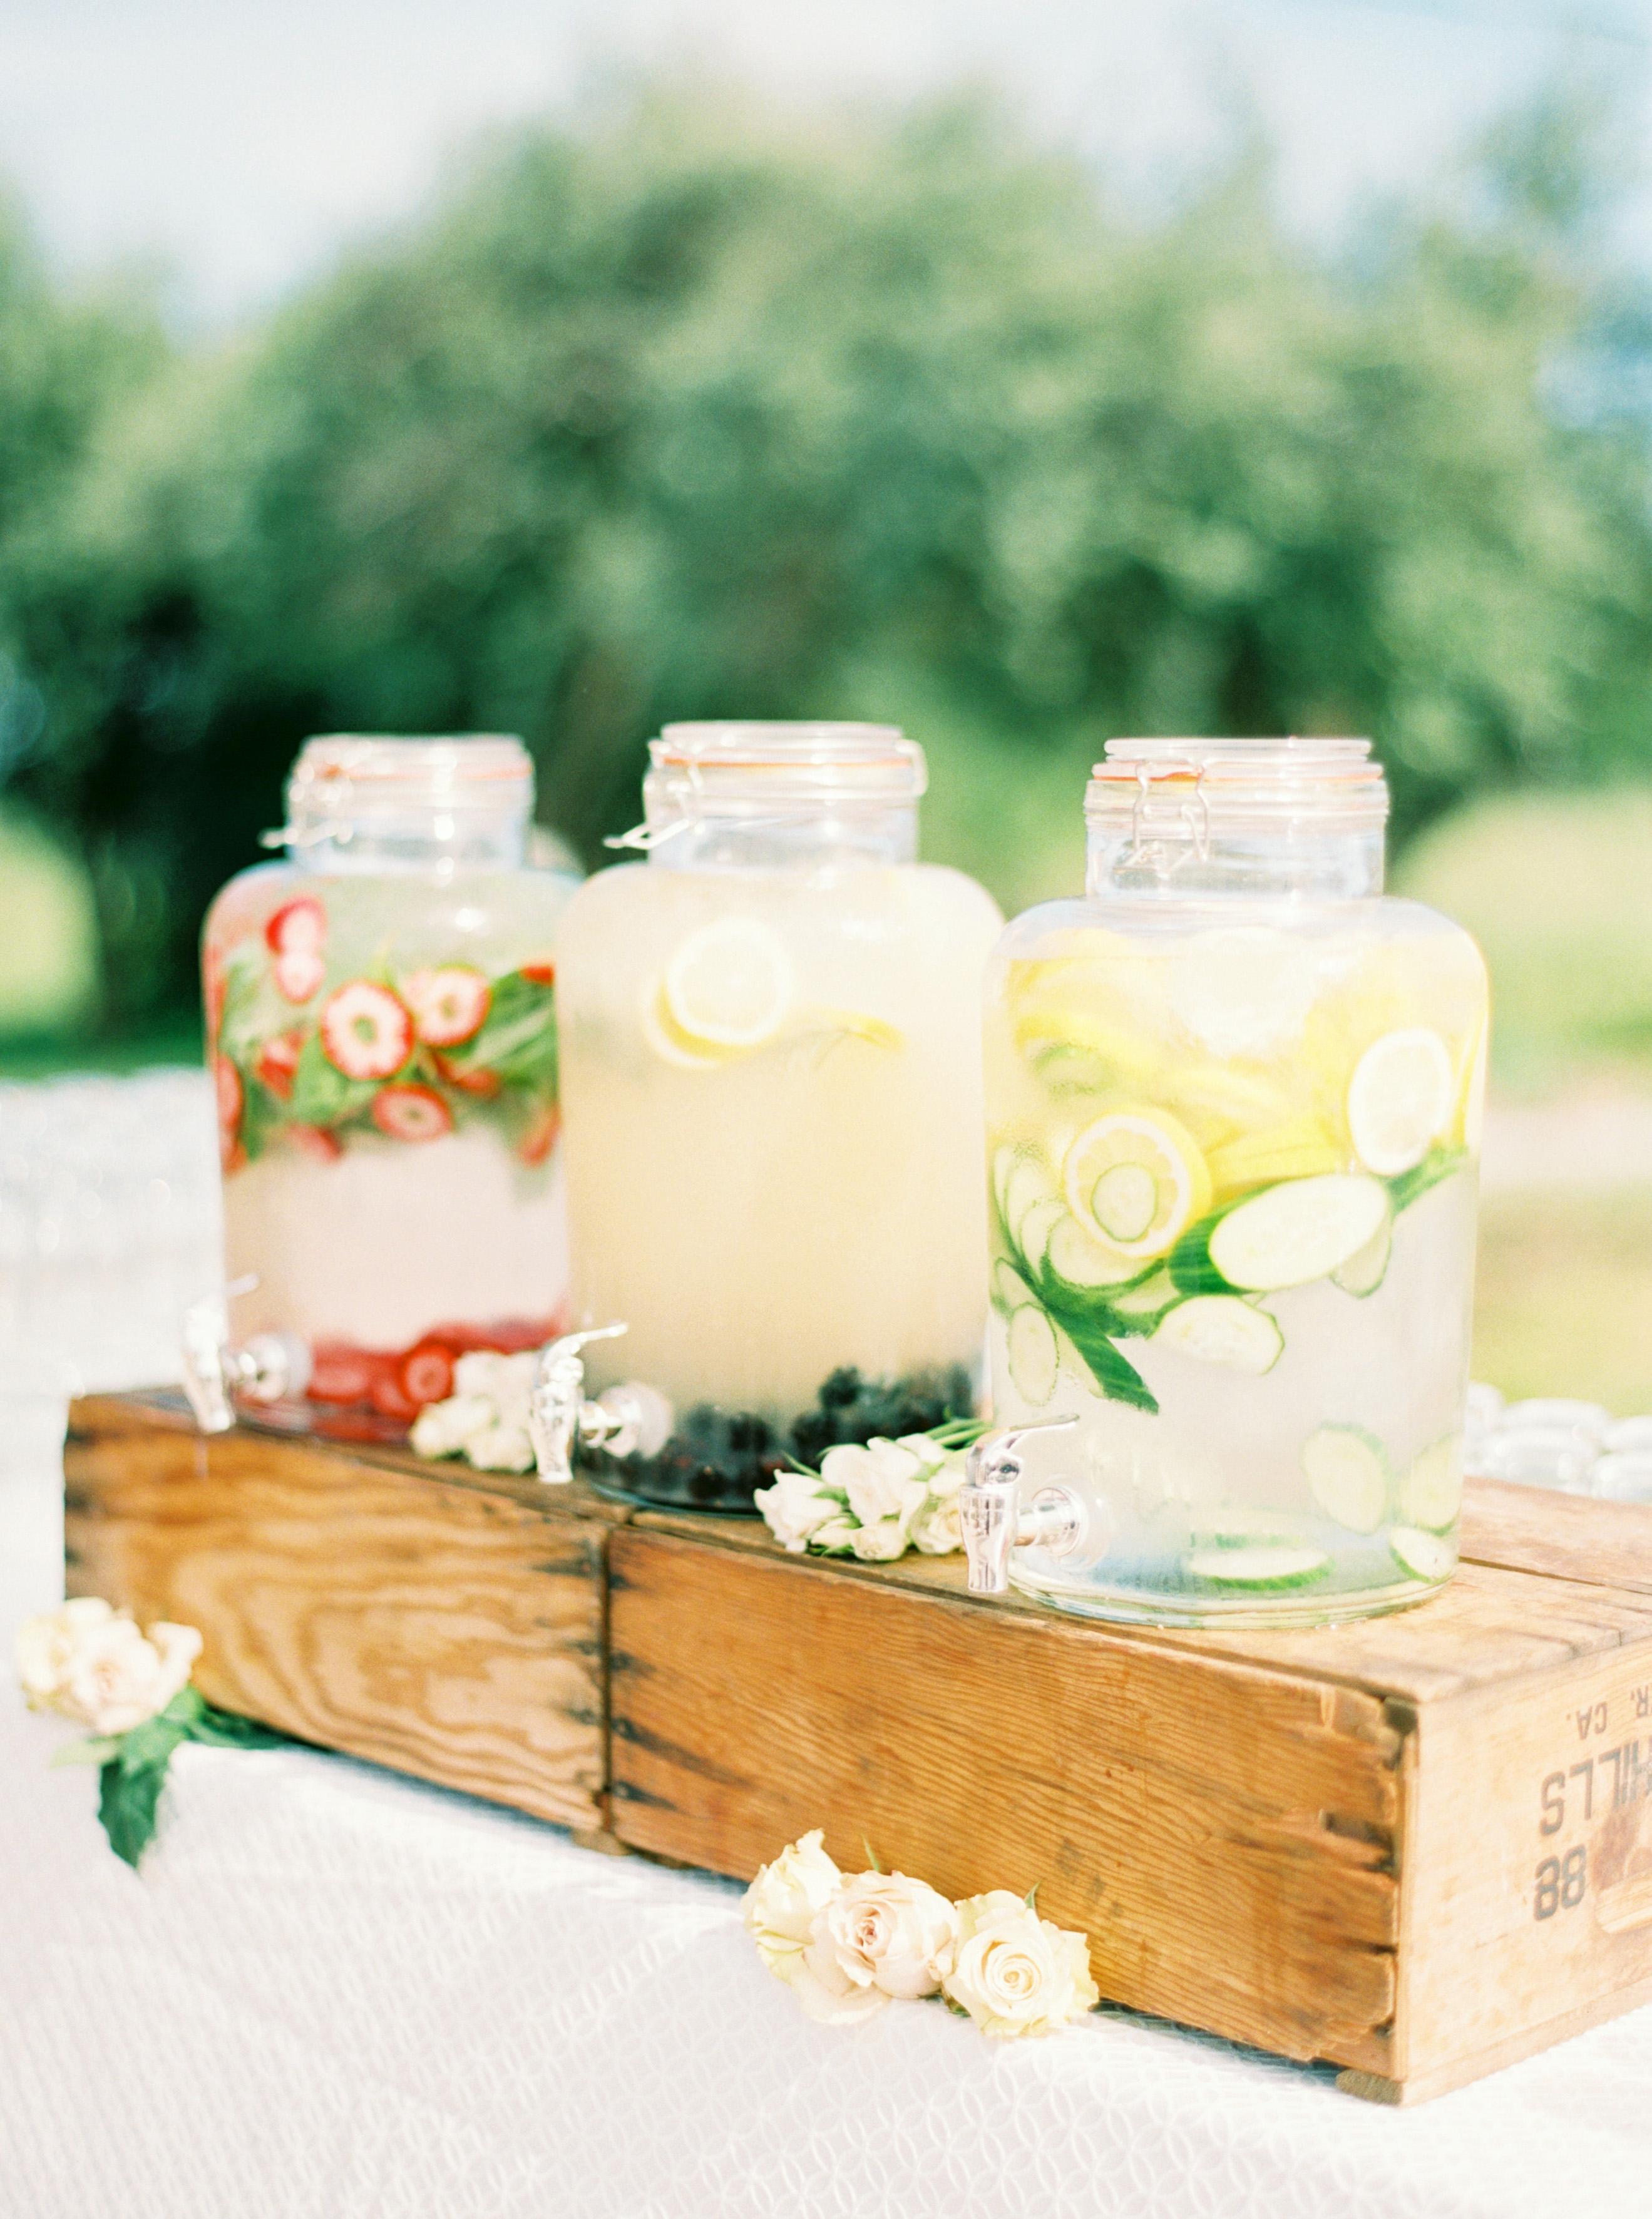 jars of flavored water